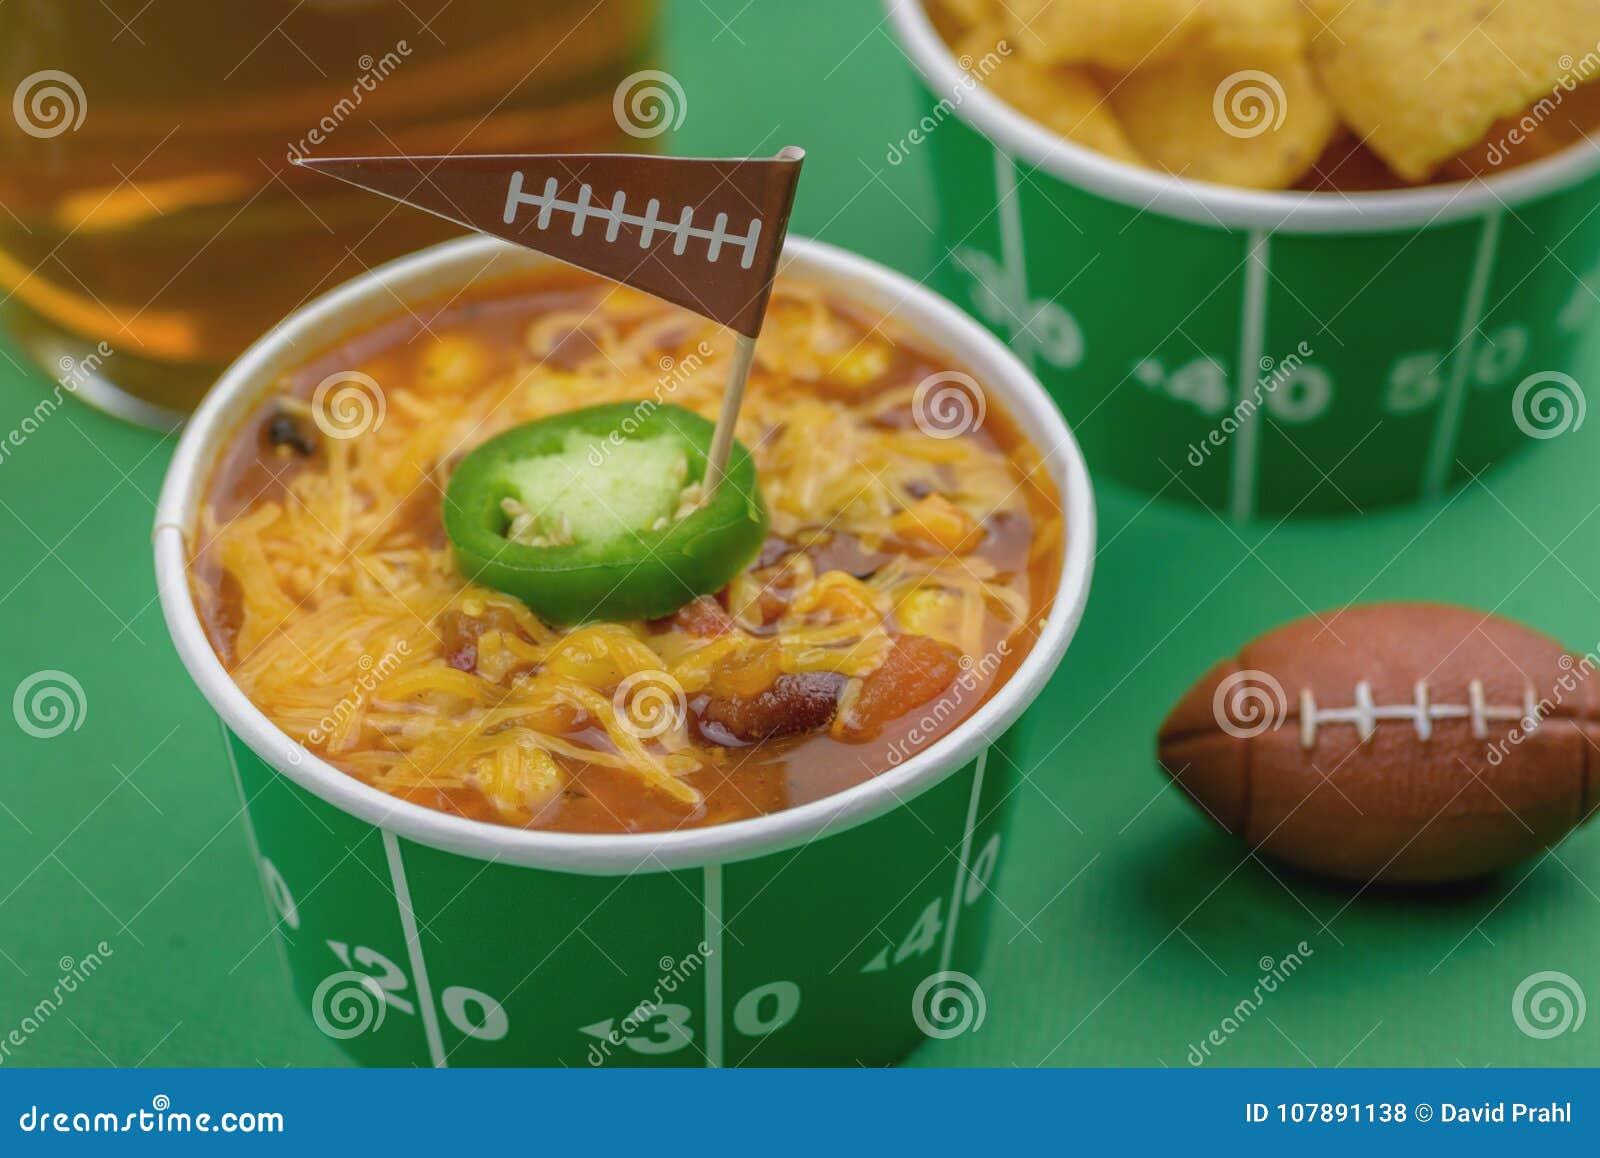 Slut upp av bunken av chili med jalepenopeppar och fotbollflaggan